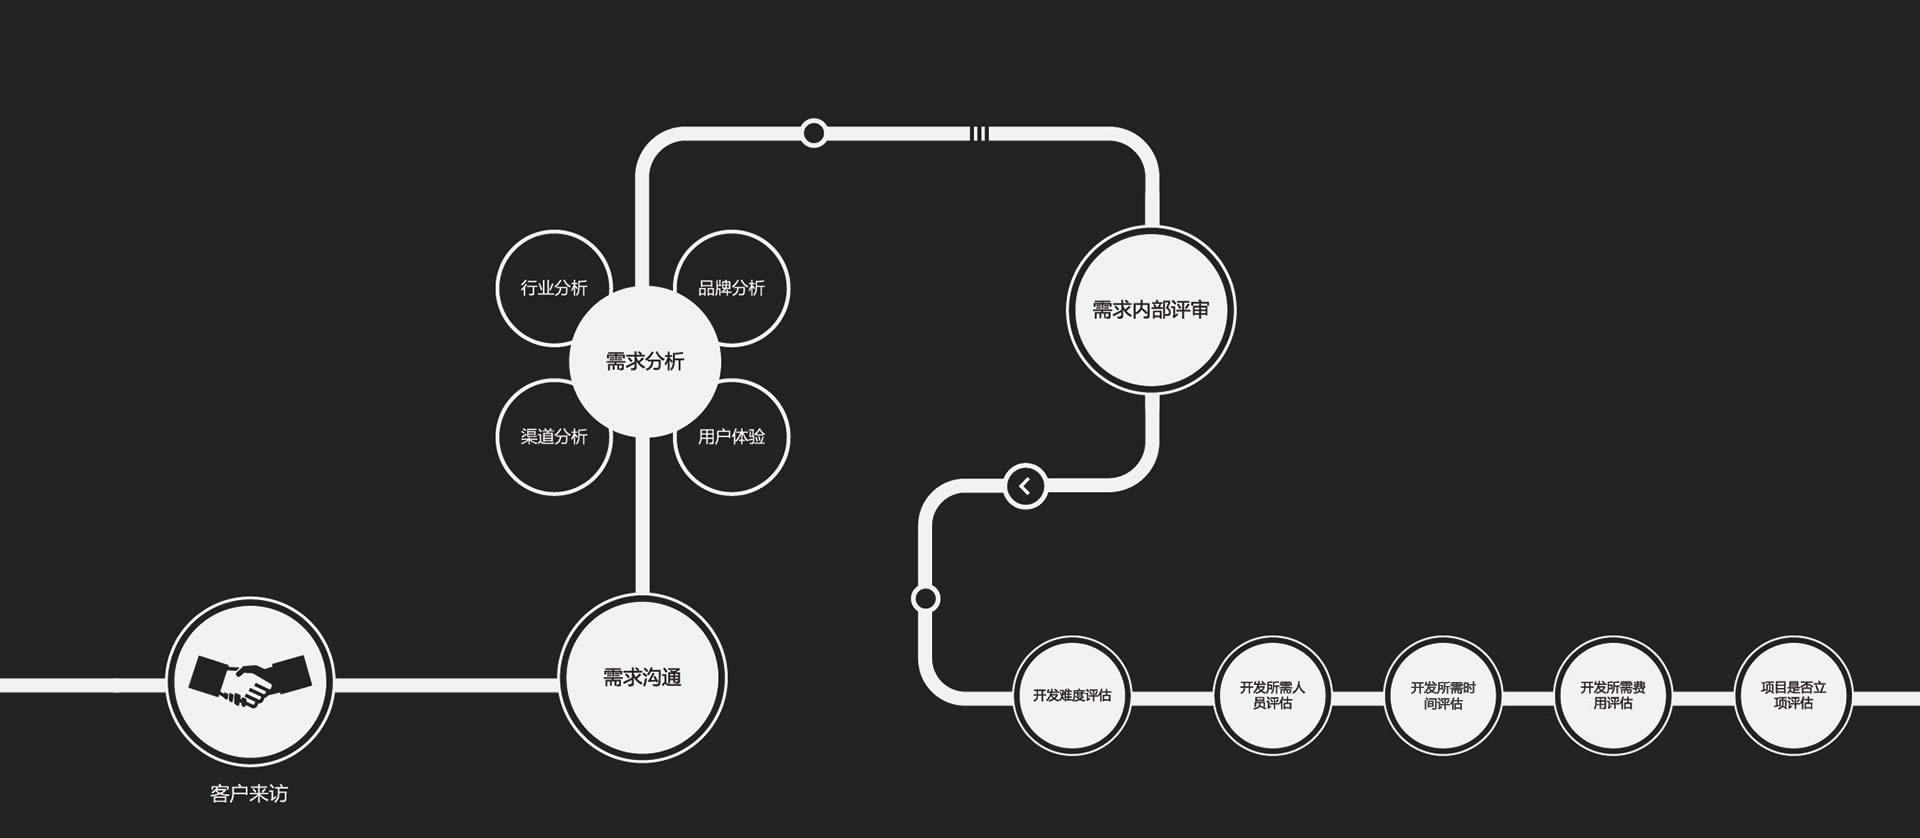 深圳网站开发需求分析